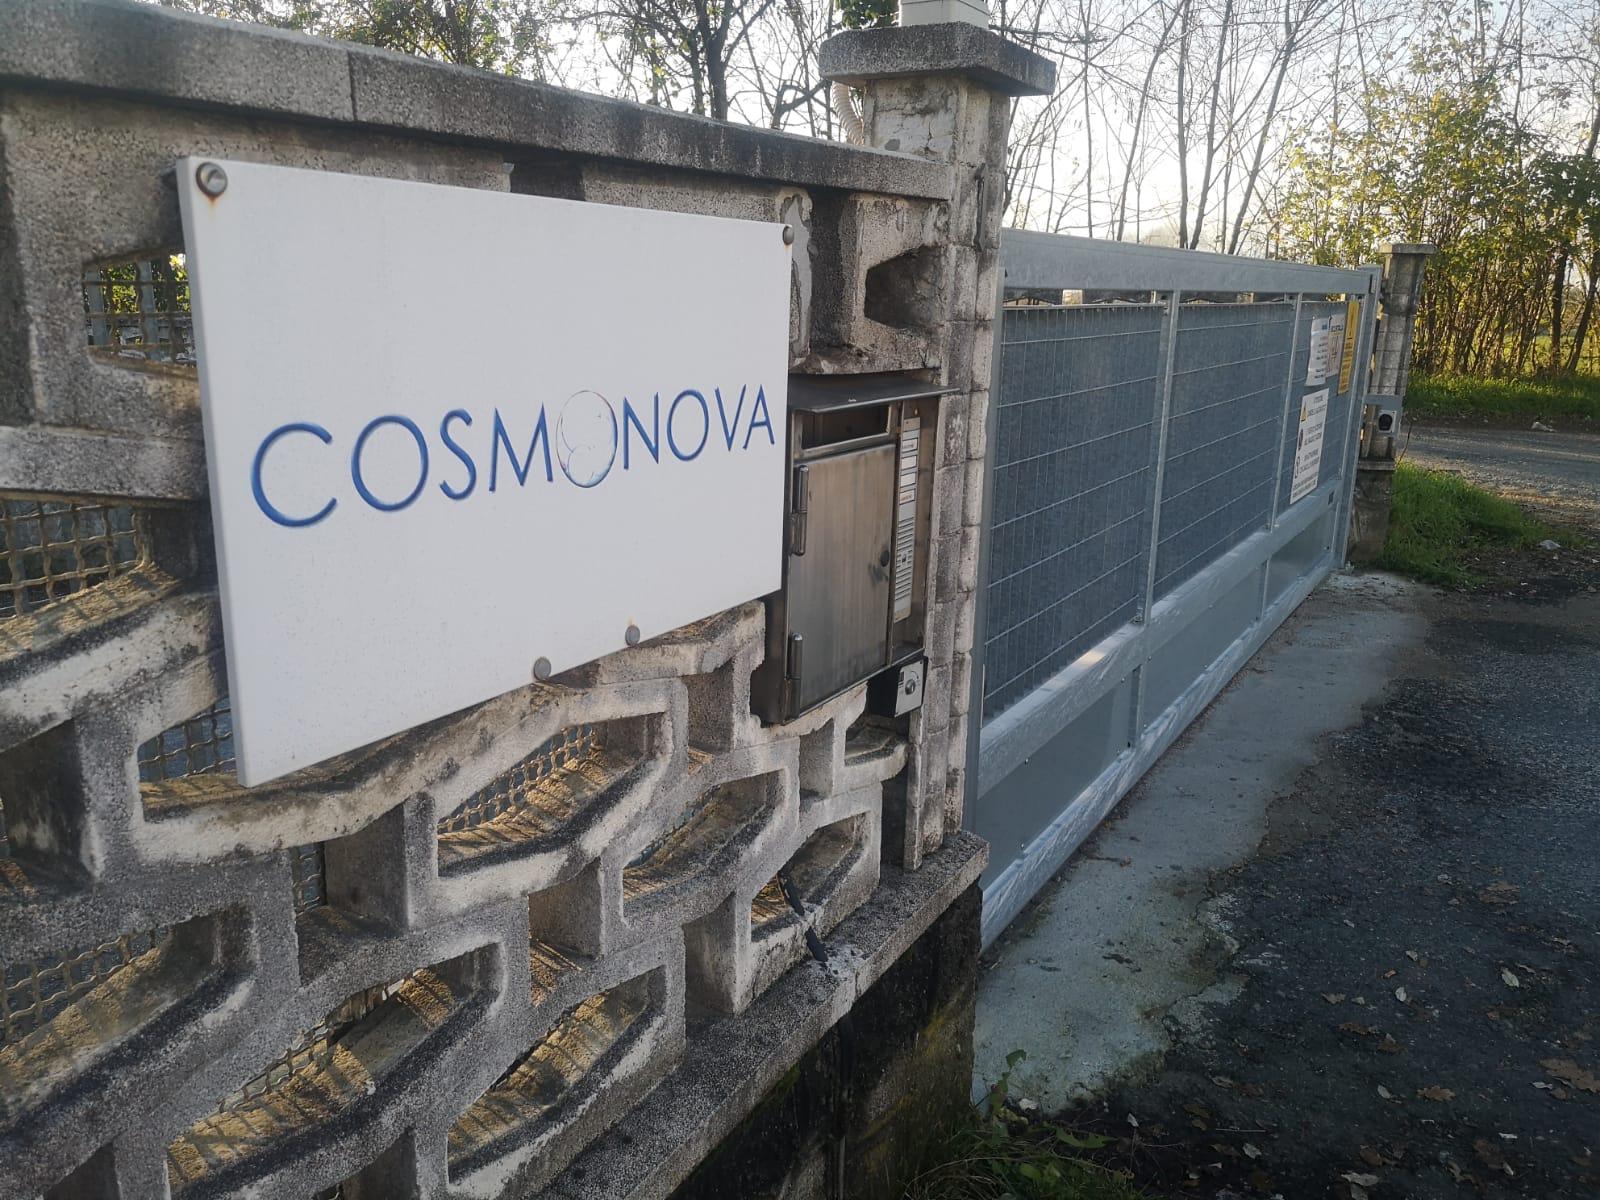 TROFARELLO – Paura per il destino dei 47 lavoratori della Cosmonova